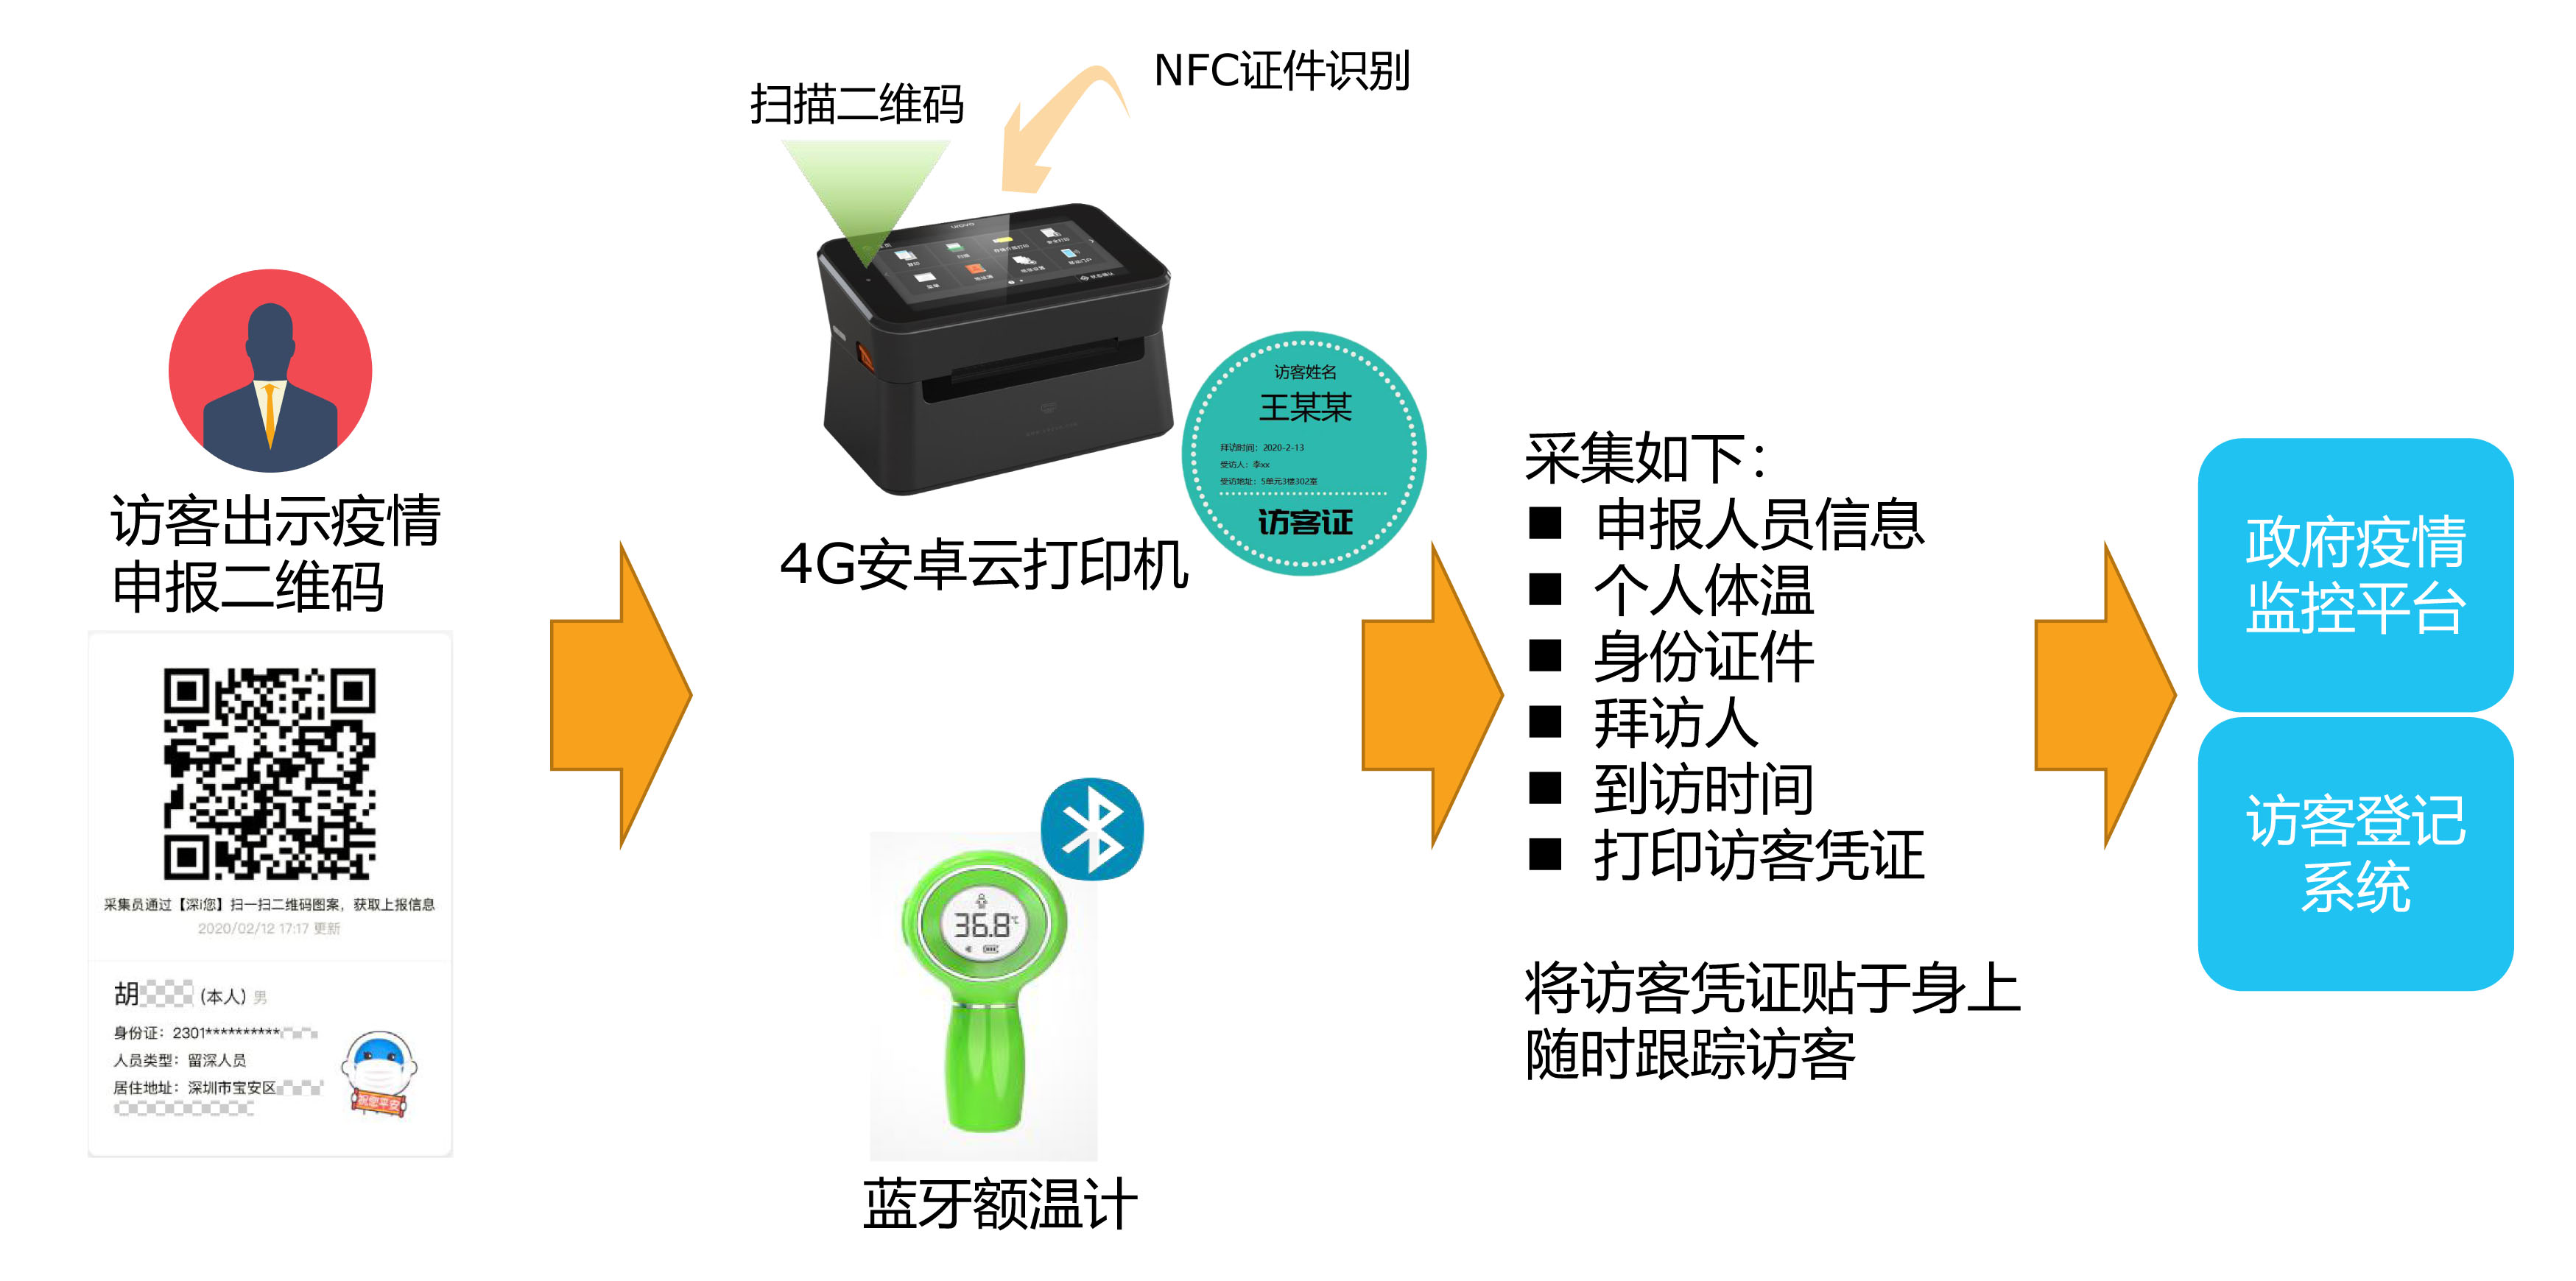 新型肺炎防护-优博讯访客登记方案(1)-12.jpg